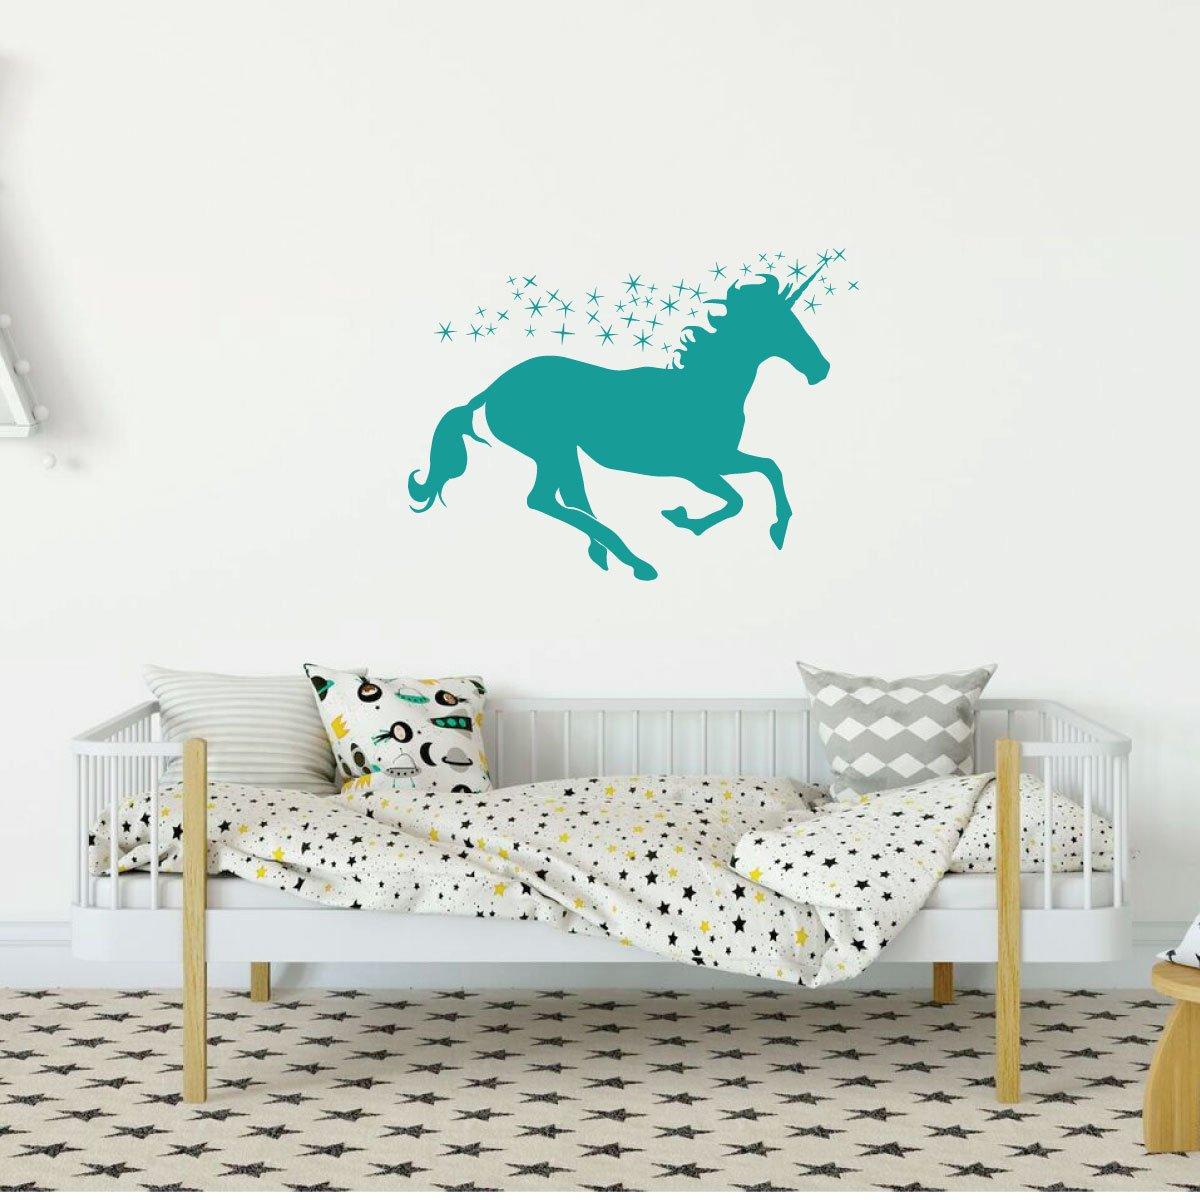 Vinilo Decorativo Pared [76DN67YR] unicornio